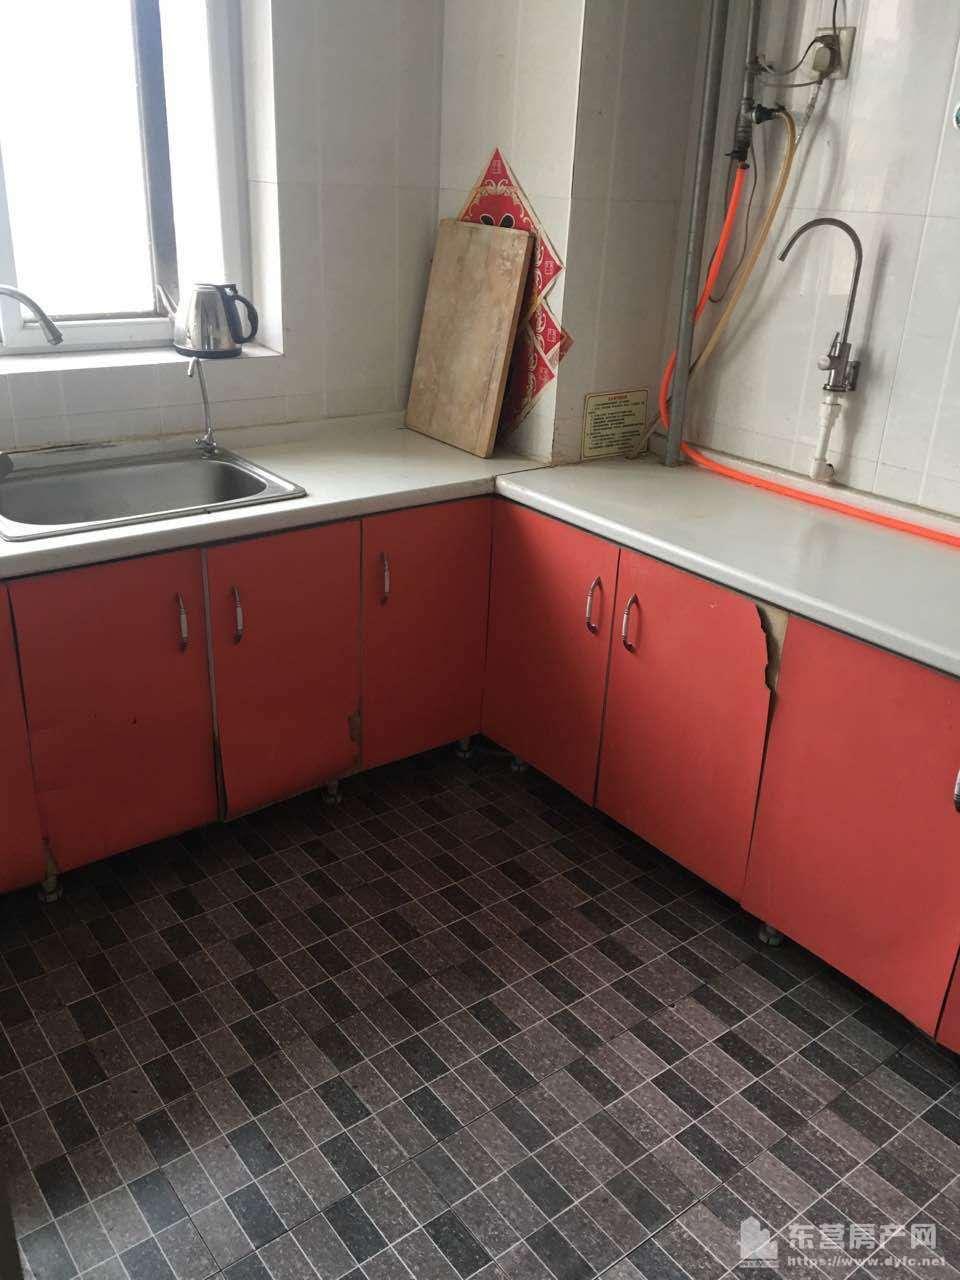 科达E区科达颐家5楼110平三室 年租1.6万 空调家电家具齐全 拎包入住